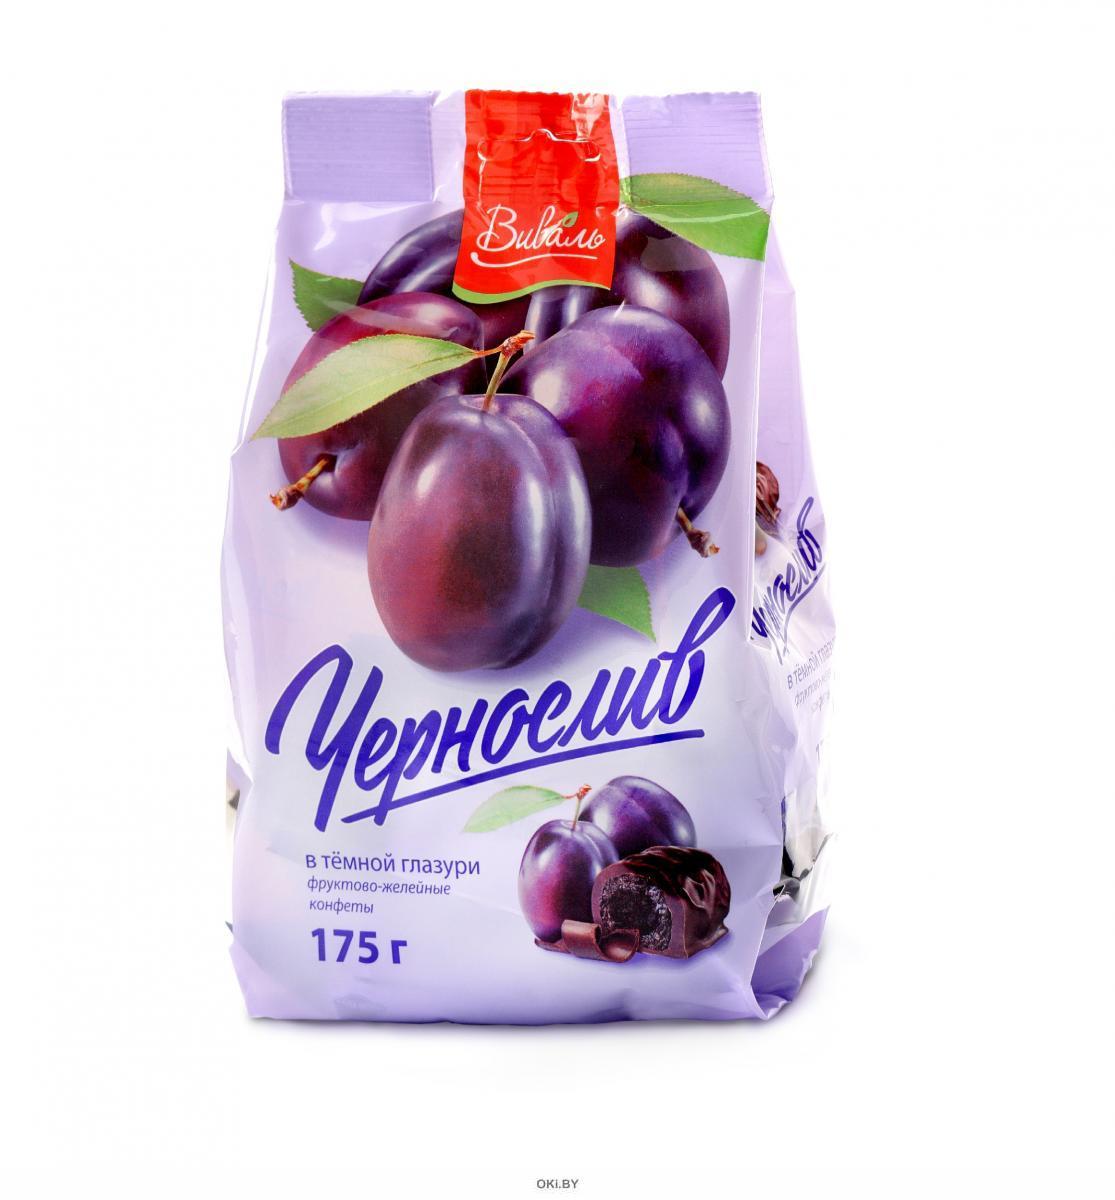 Фруктово-желейные конфеты